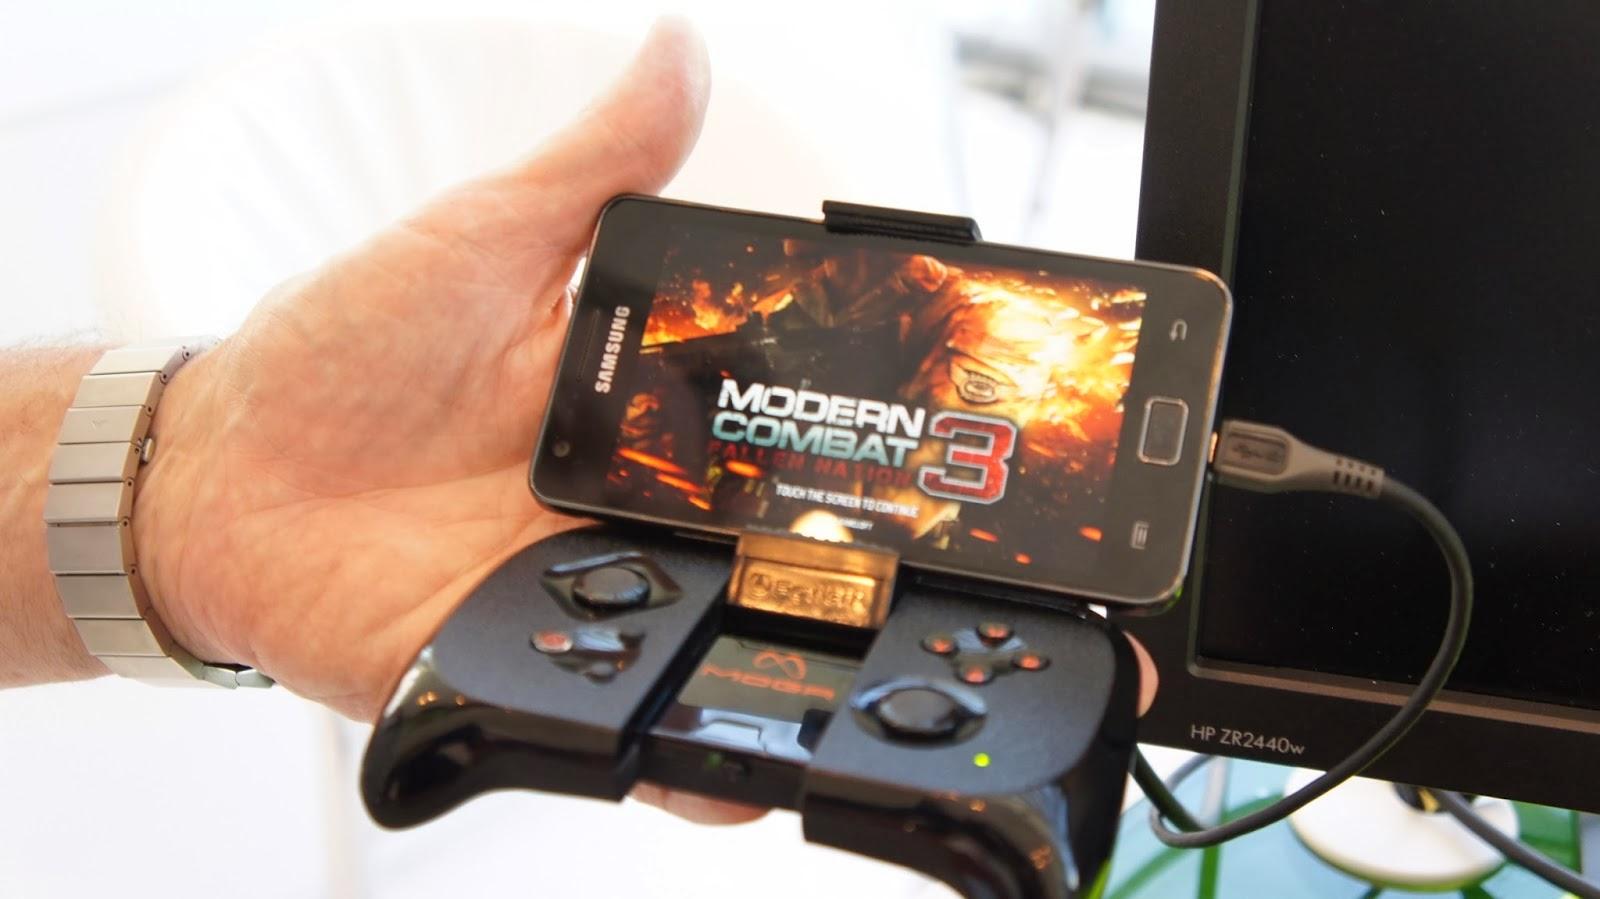 Cara Mudah Bermain Game dengan Stick PS3 pada Smartphone Android